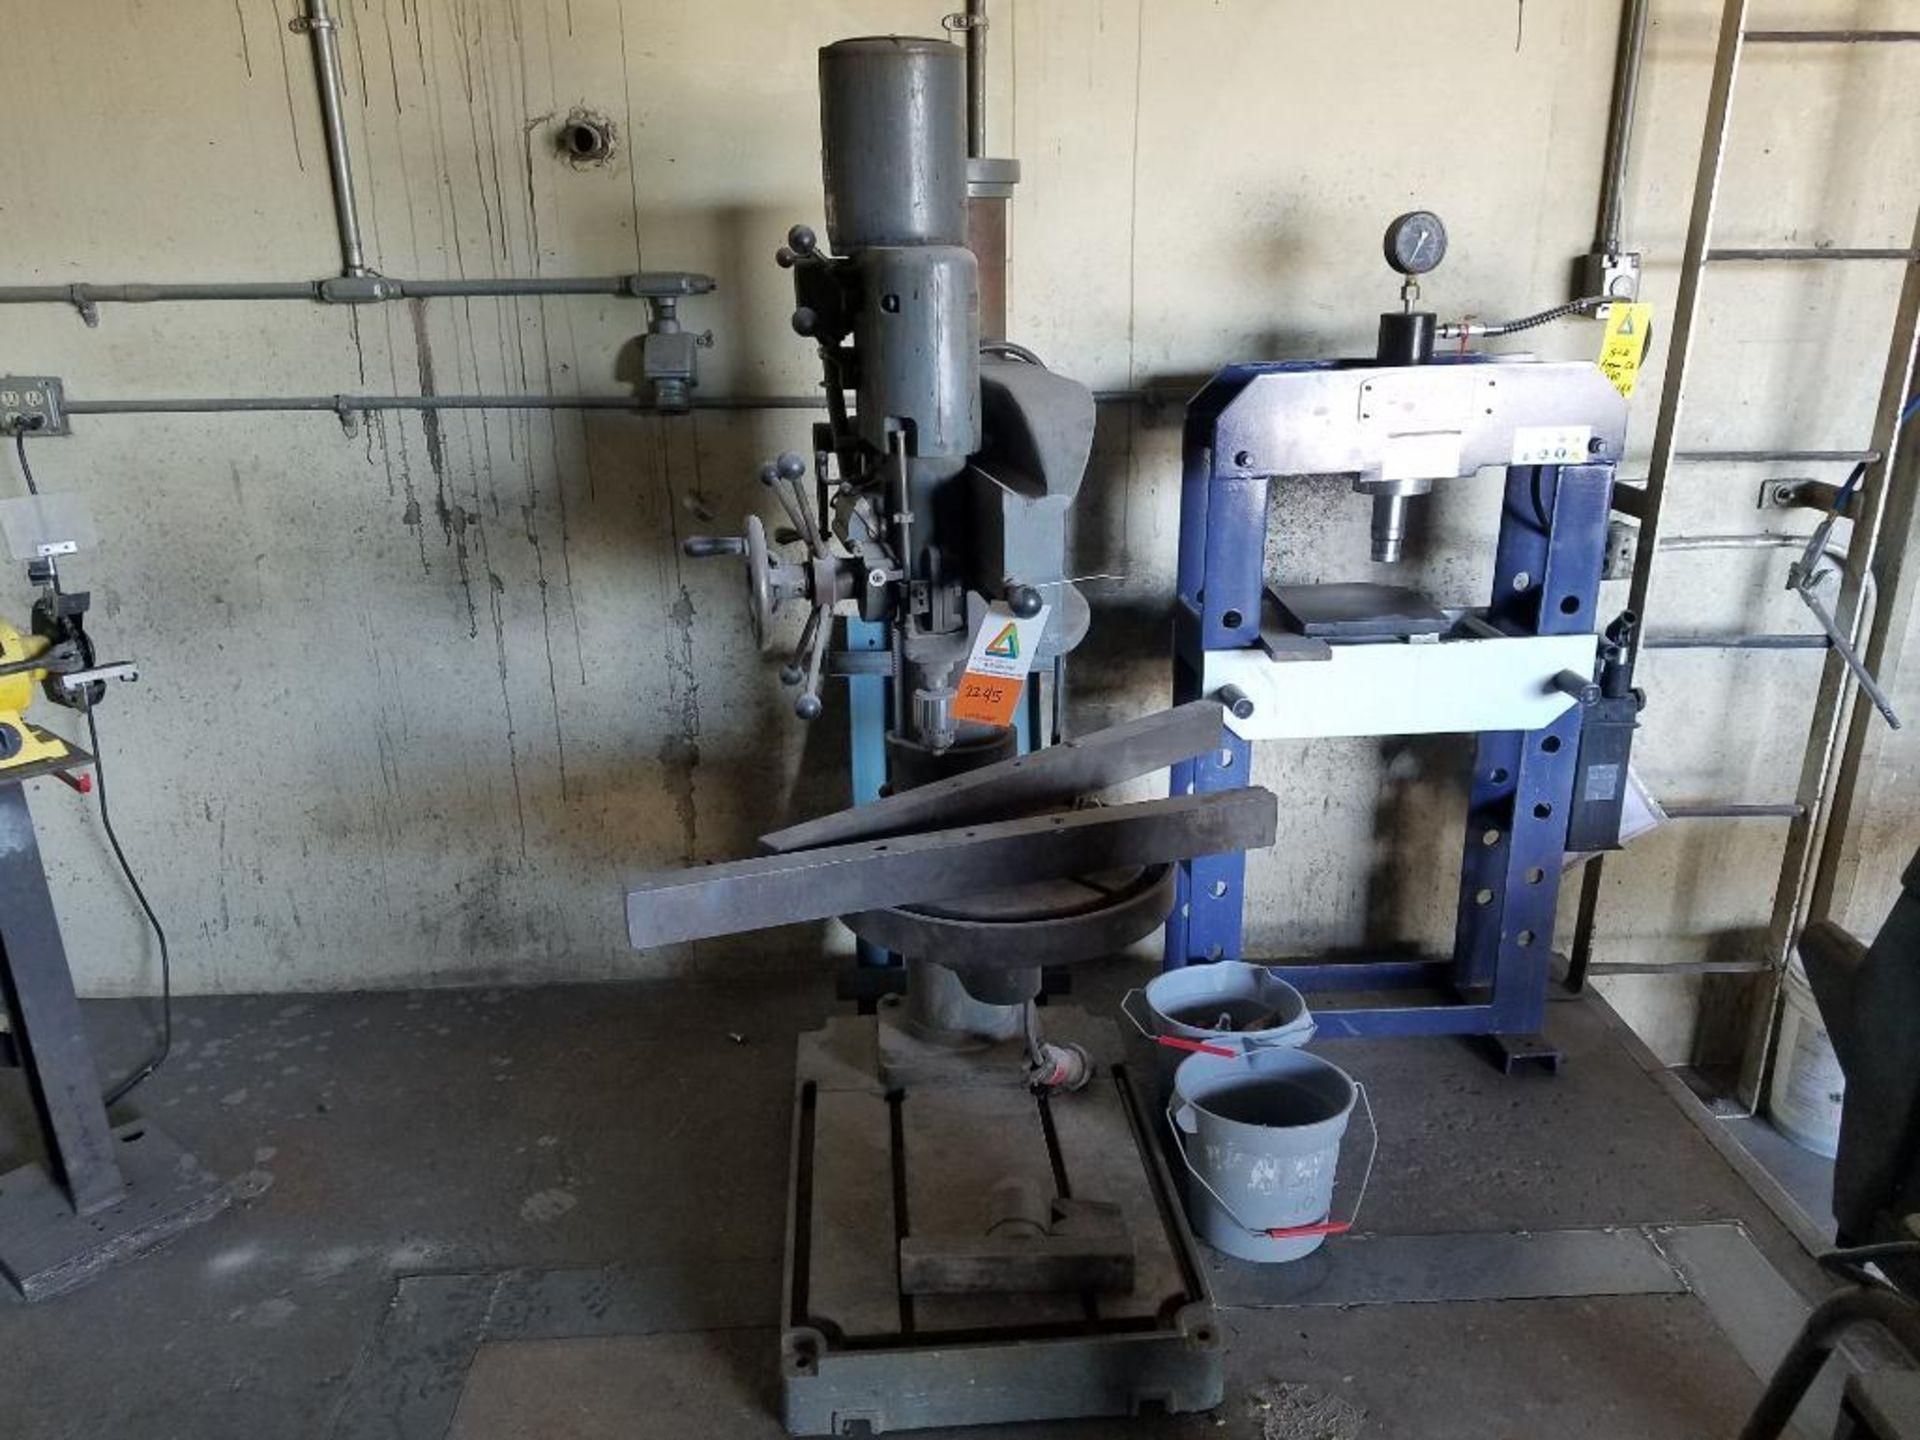 Abarboga Maskiner radial arm drill